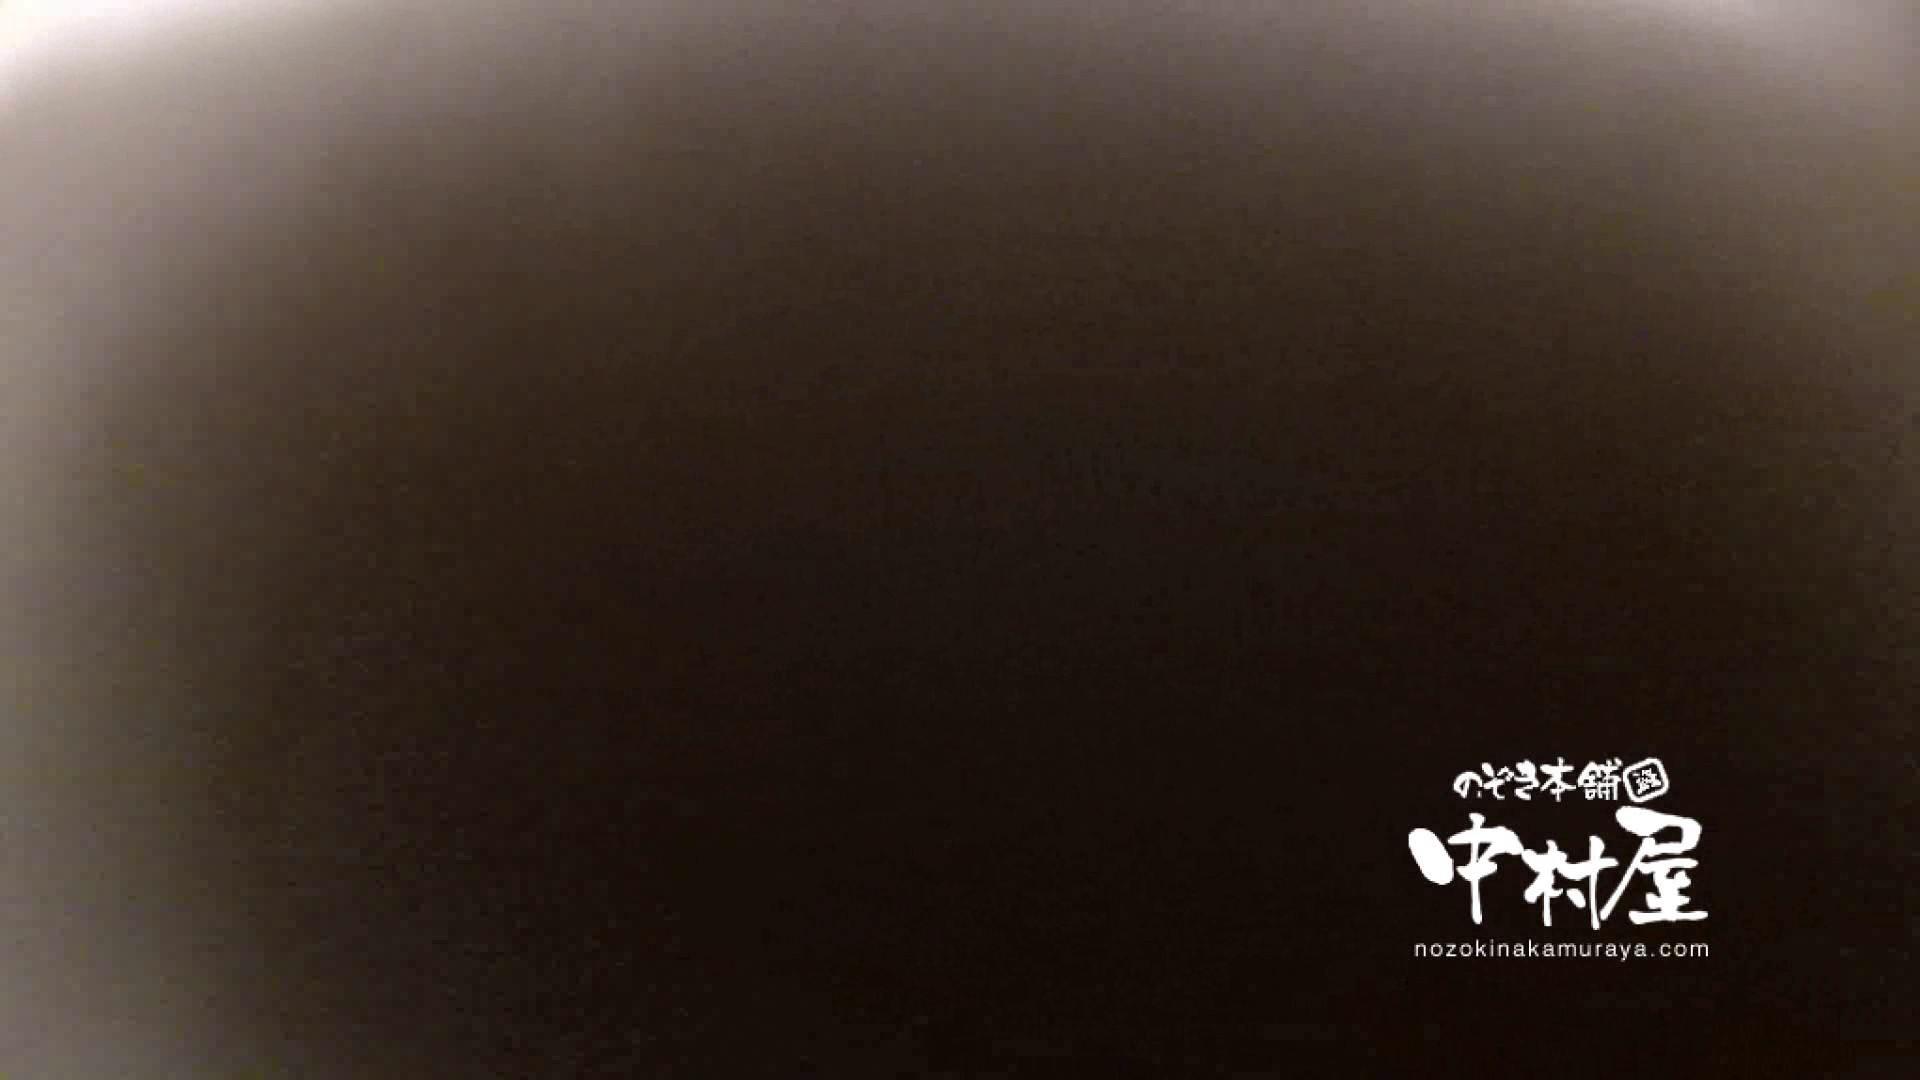 鬼畜 vol.14 小生意気なおなごにはペナルティー 後編 独身エッチOL | 鬼畜  106pic 73